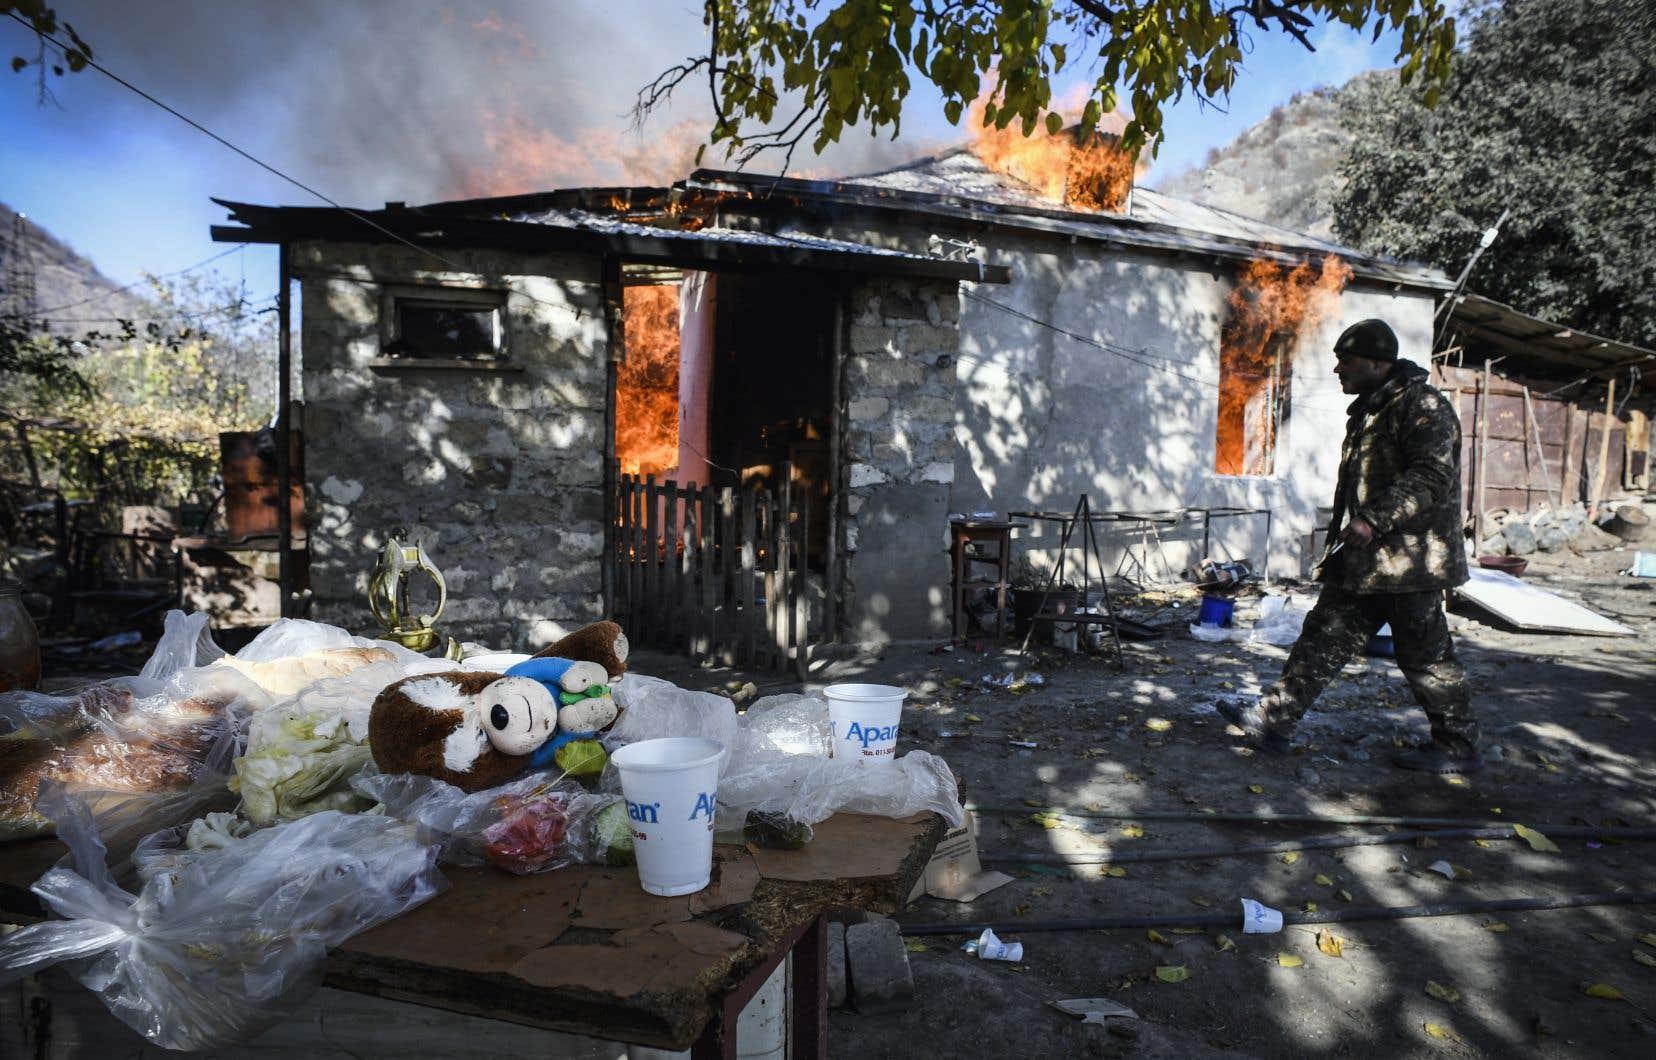 Charektar en est l'une des principales zones habitées, et sans doute plus de la moitié des maisons du village y ont été incendiées ces dernières 24heures par leurs propriétaires sur le départ.